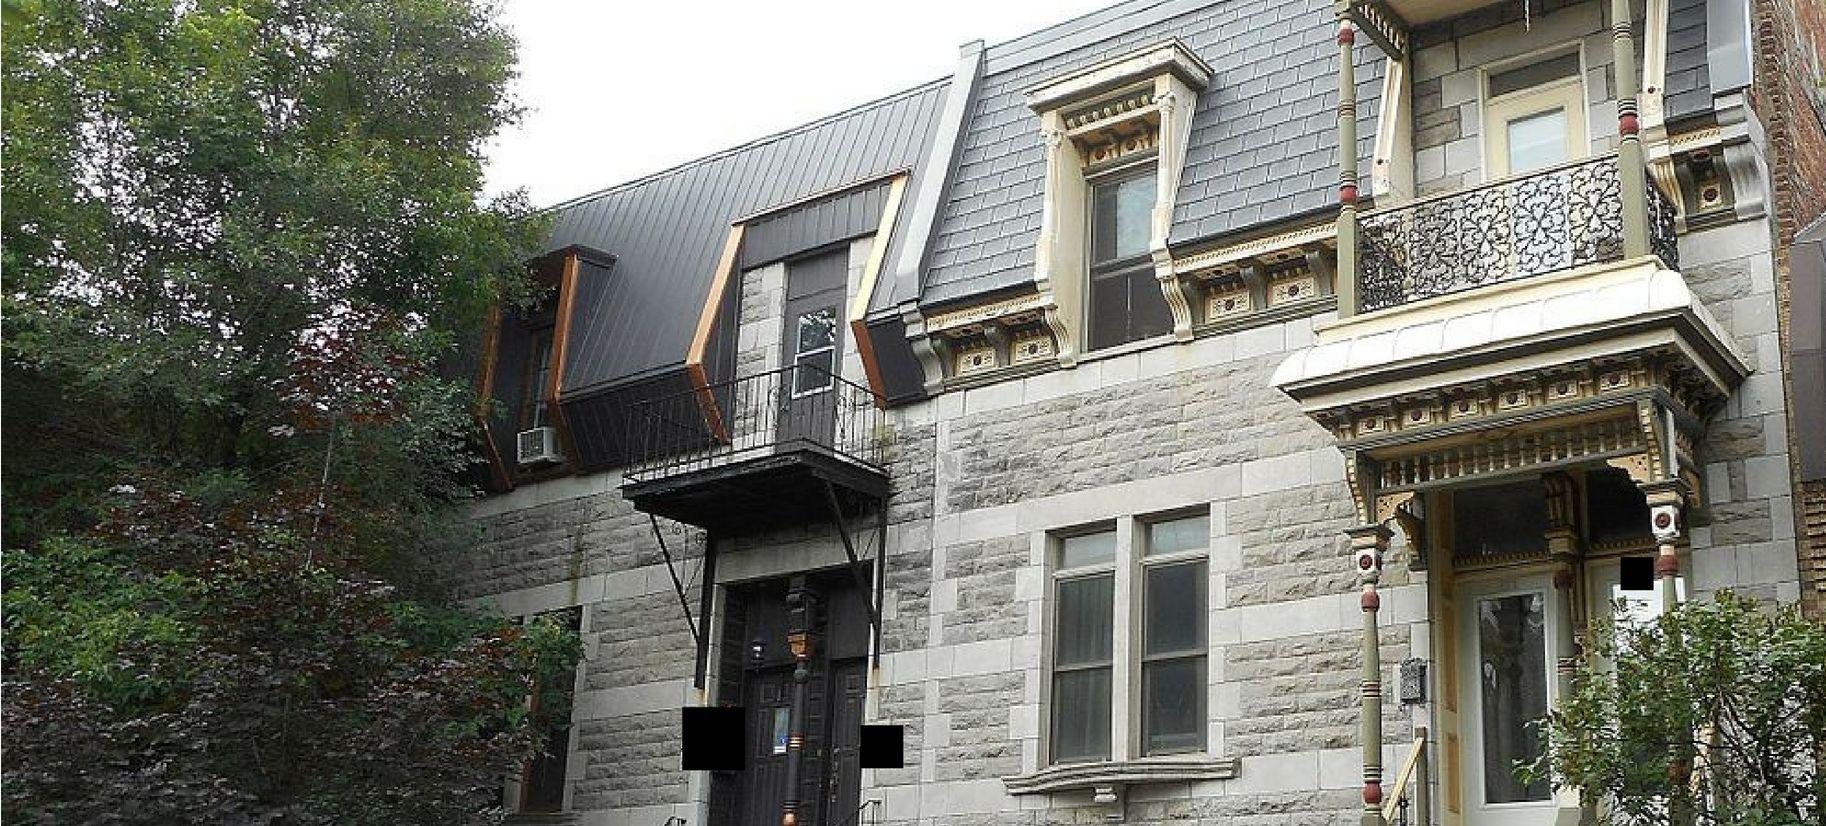 hypotheque pour immeuble à revenus